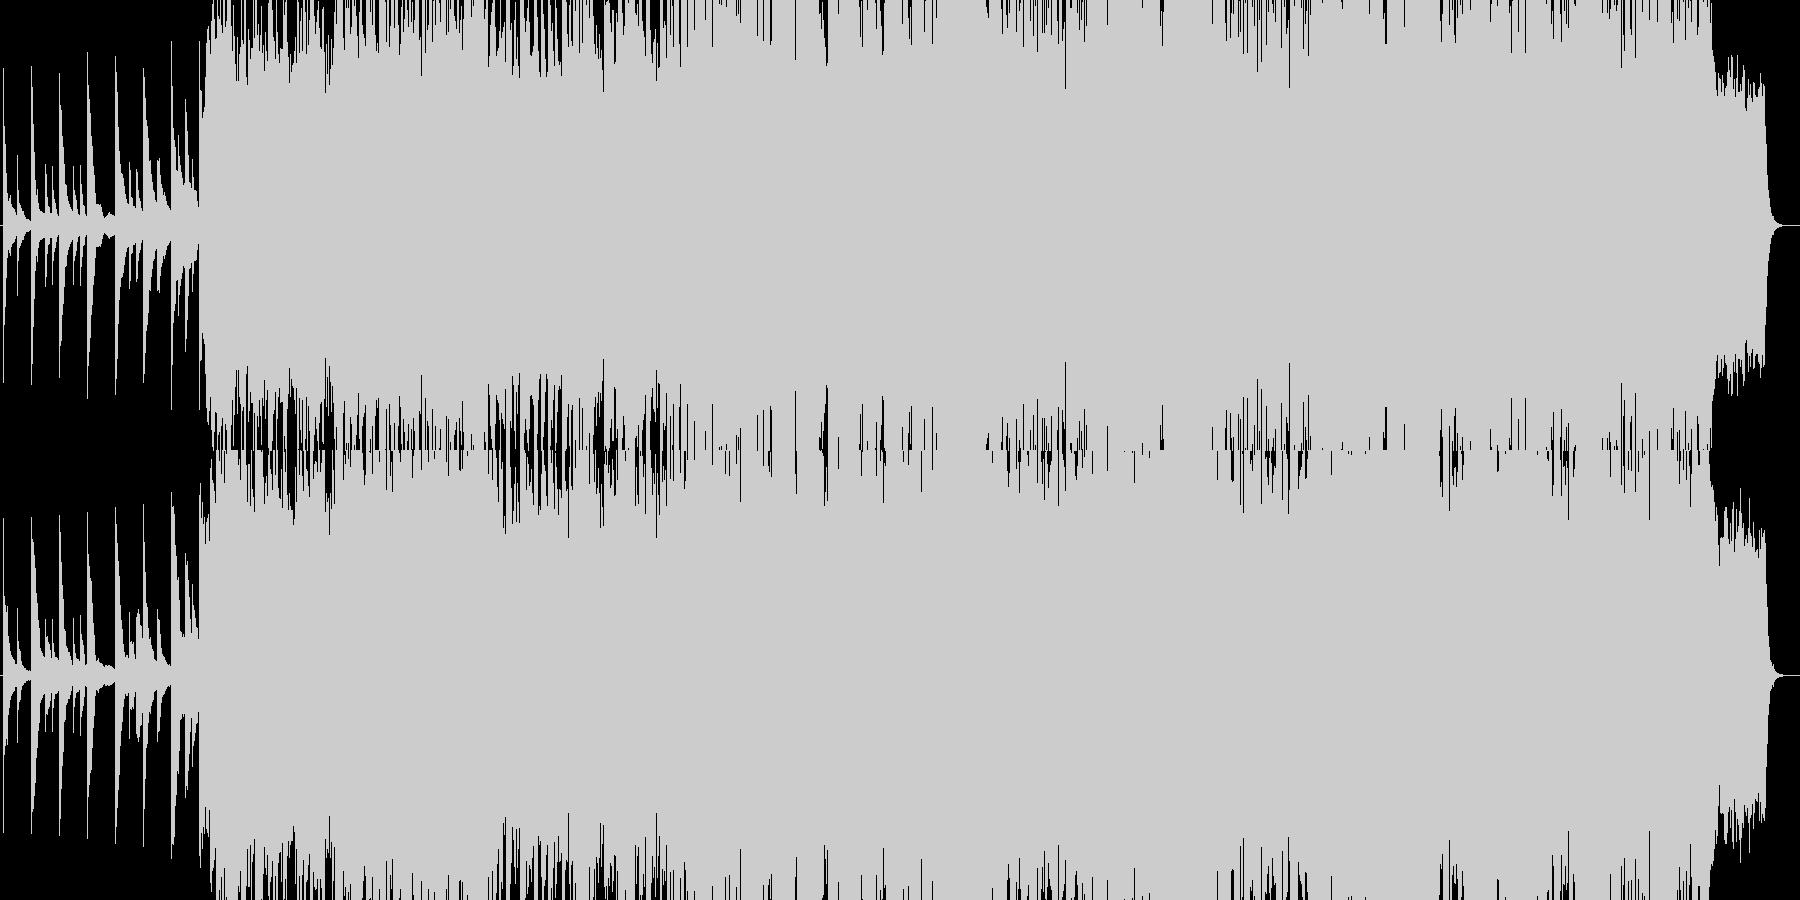 音ゲーみたいな疾走感のある音楽の未再生の波形